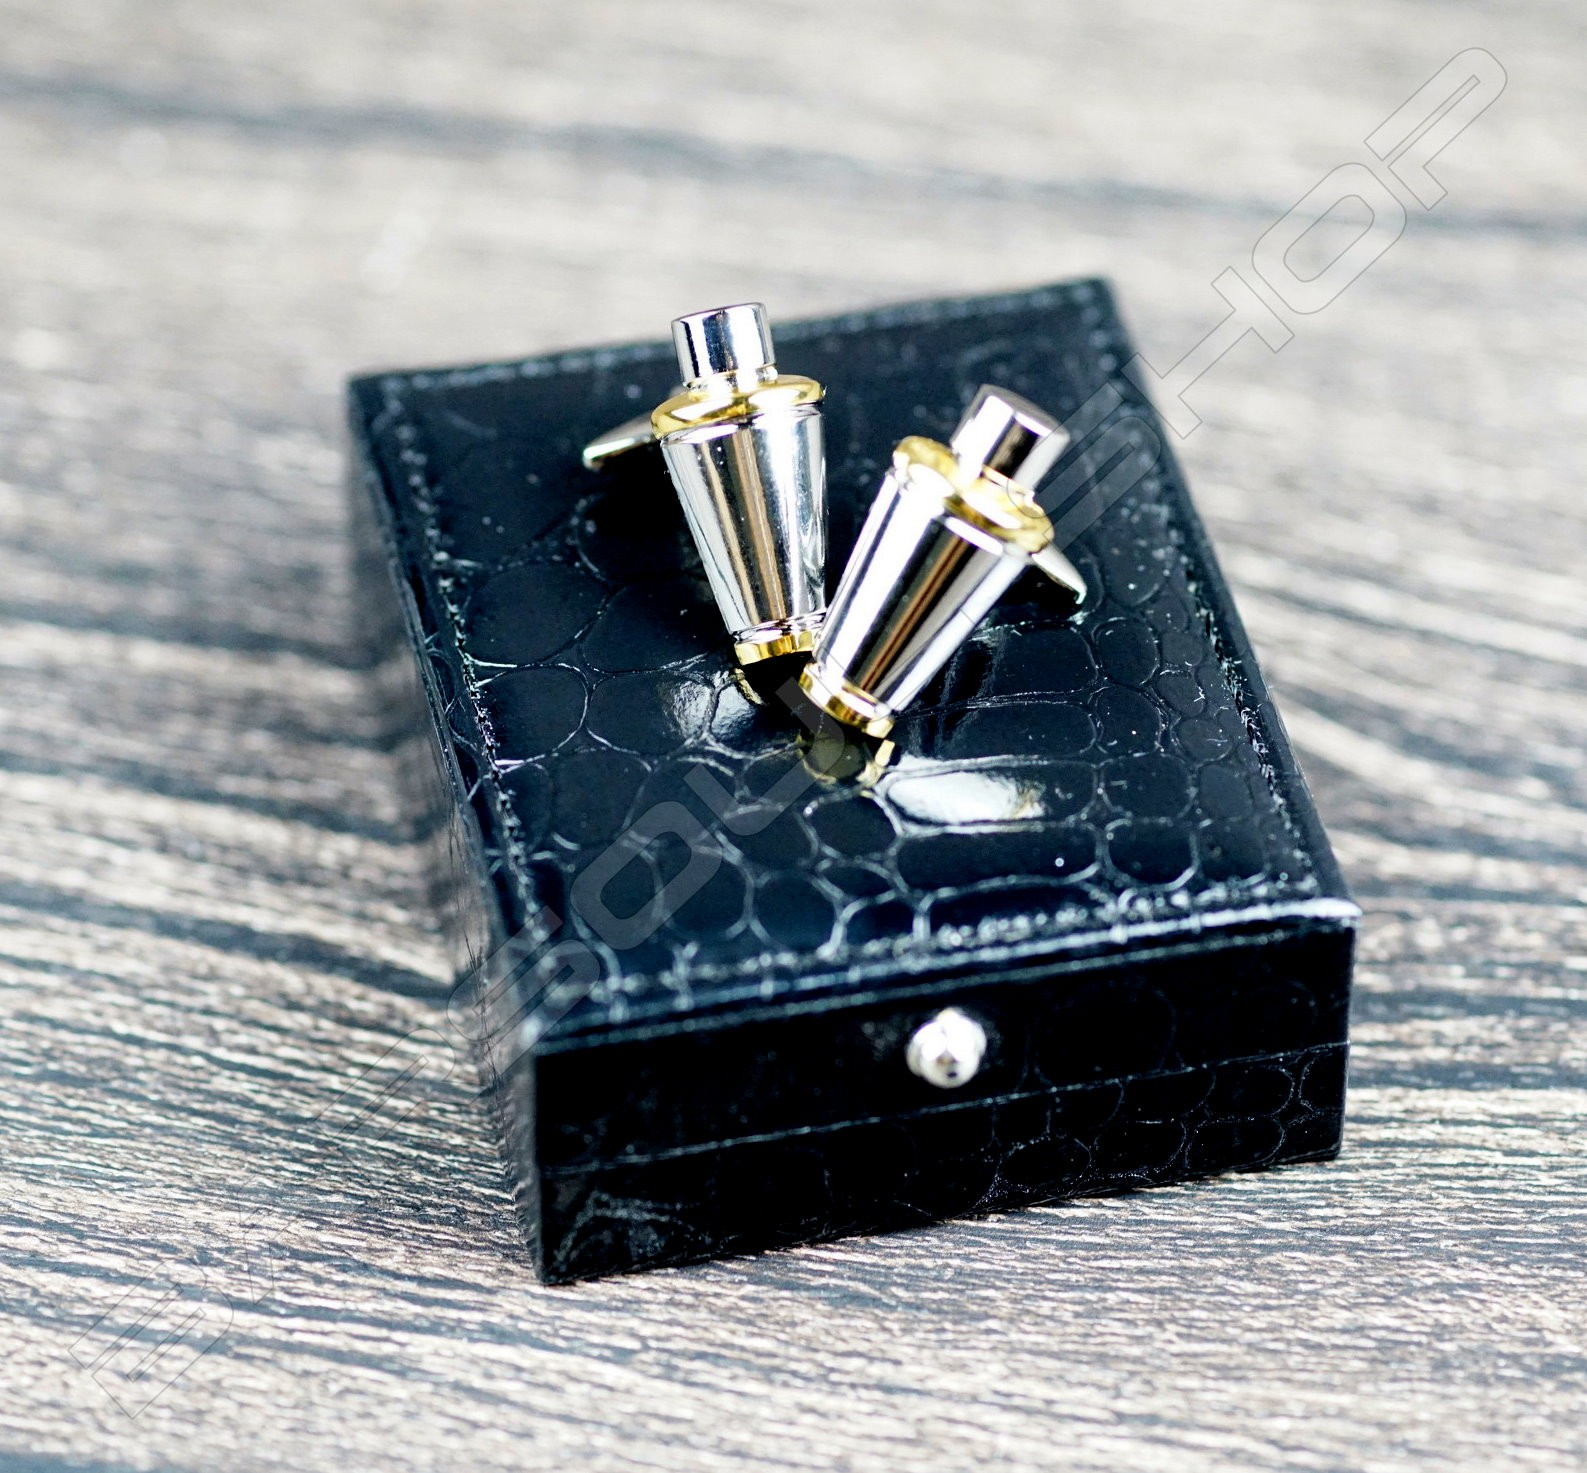 金屬袖扣 亮銀金線雪可杯造型 Metal cufflink(A03)